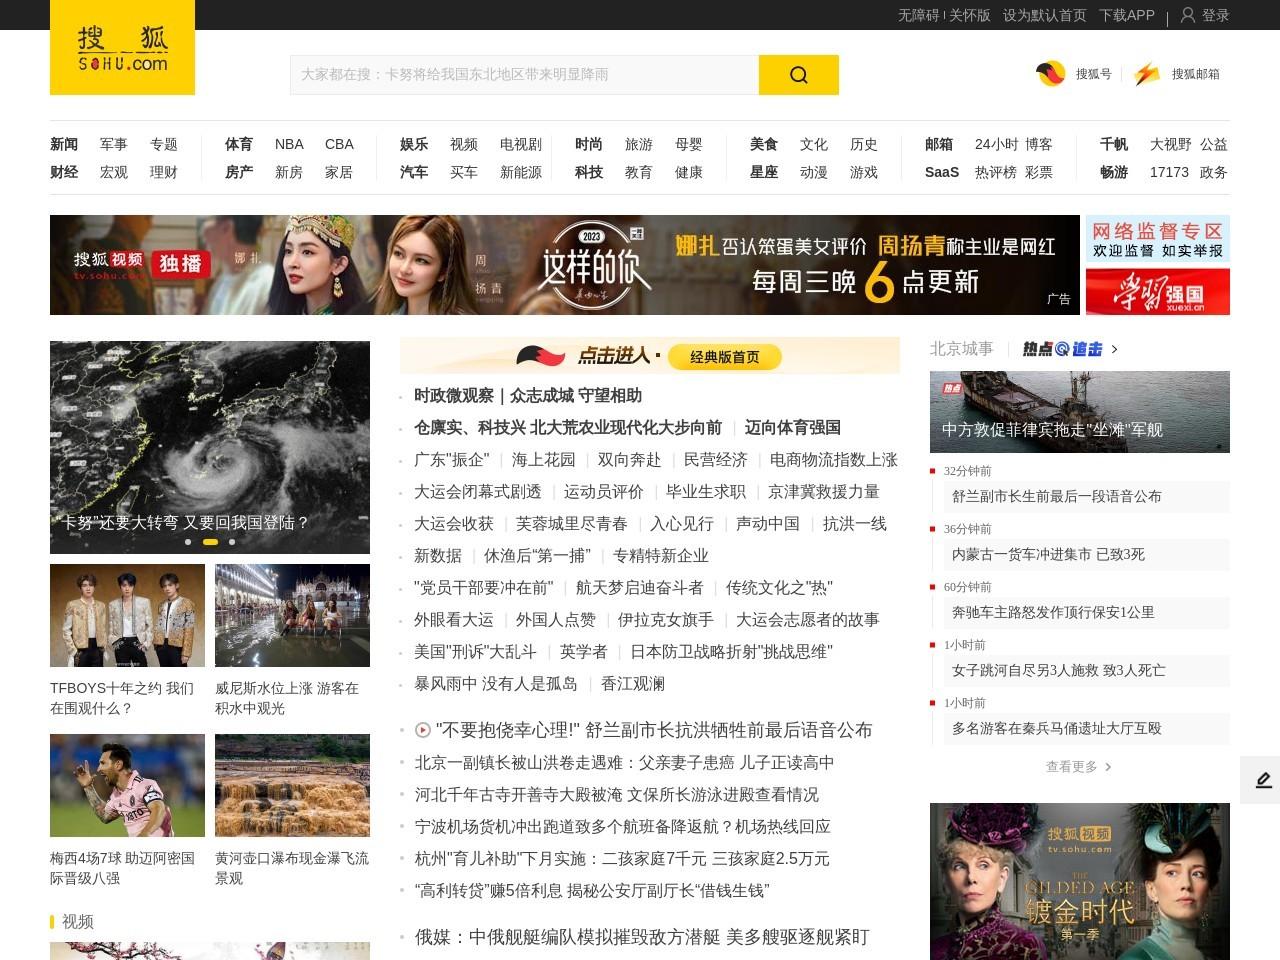 临安这么有历史感,为何改名杭州?